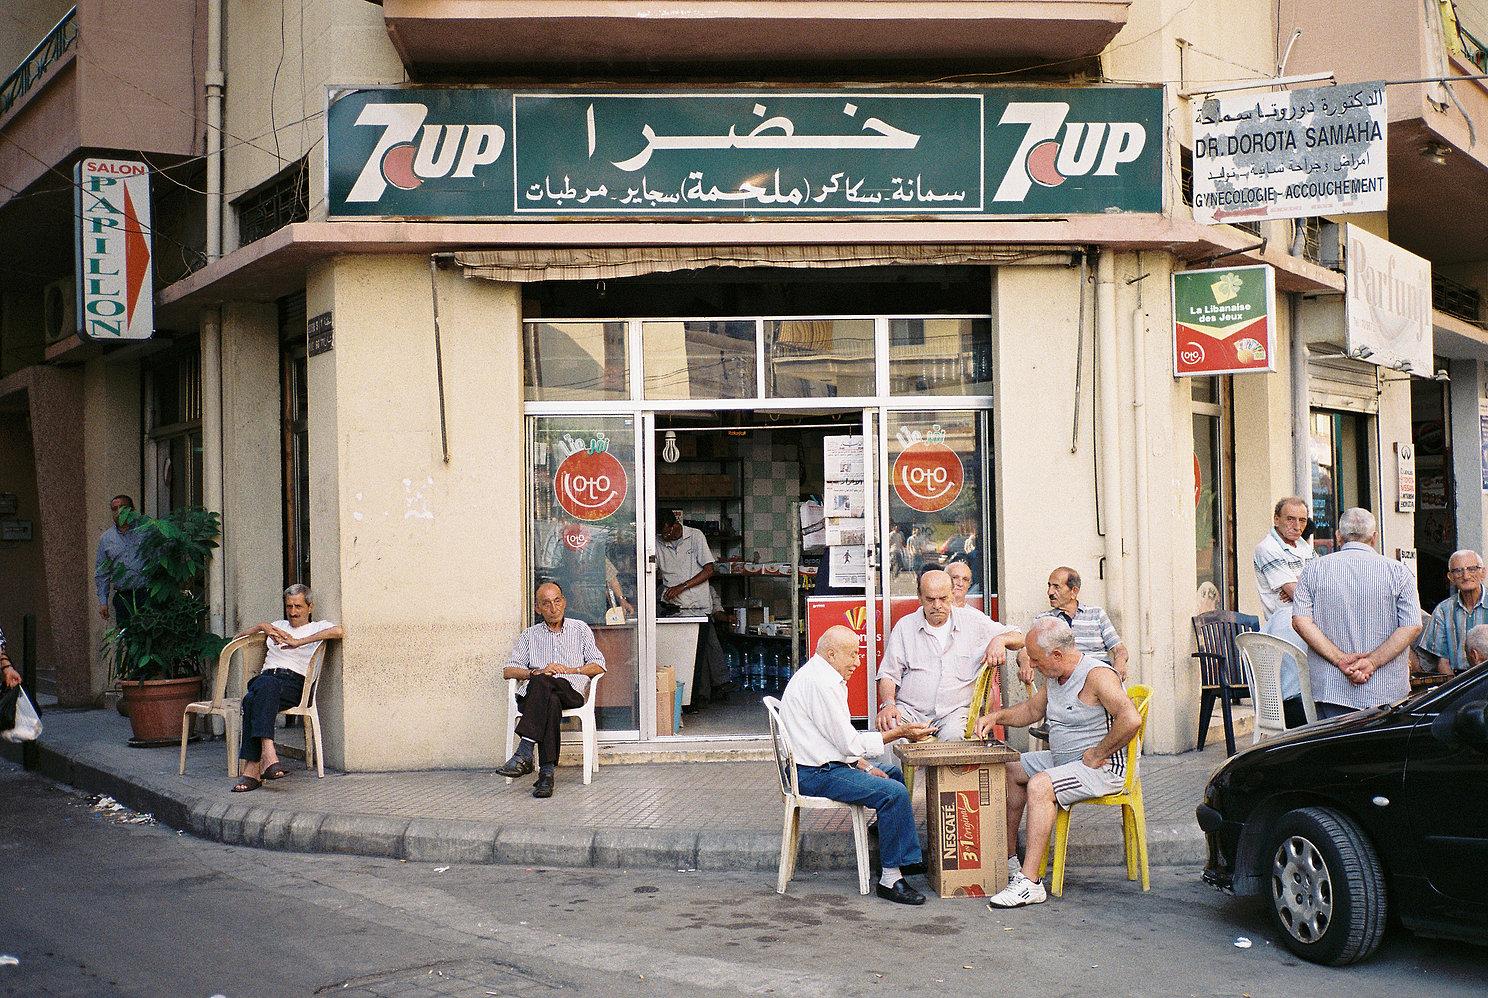 groupe d'homme assis devant un petit commerce